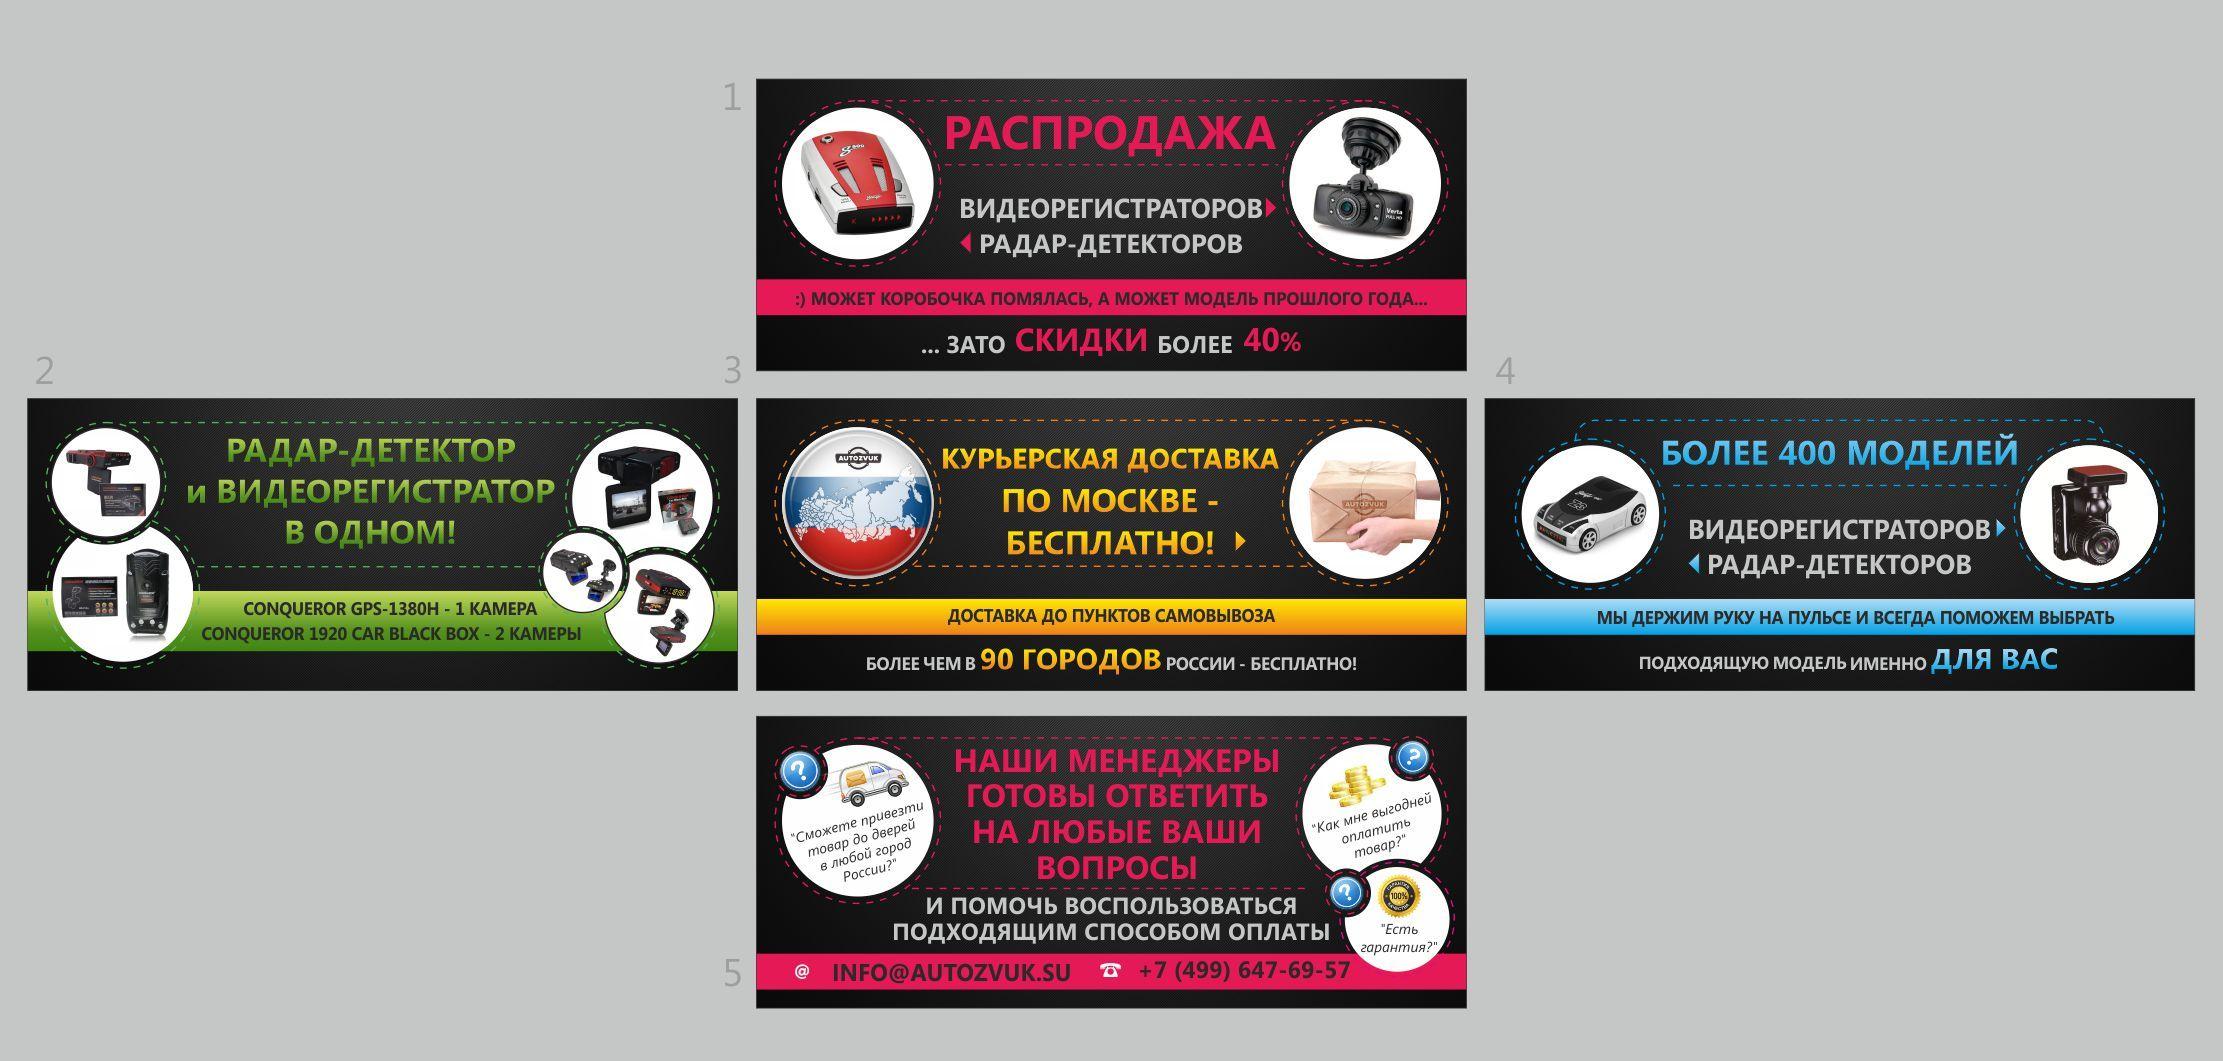 Иллюстрации для слайдера в ИМ - дизайнер monitabravo